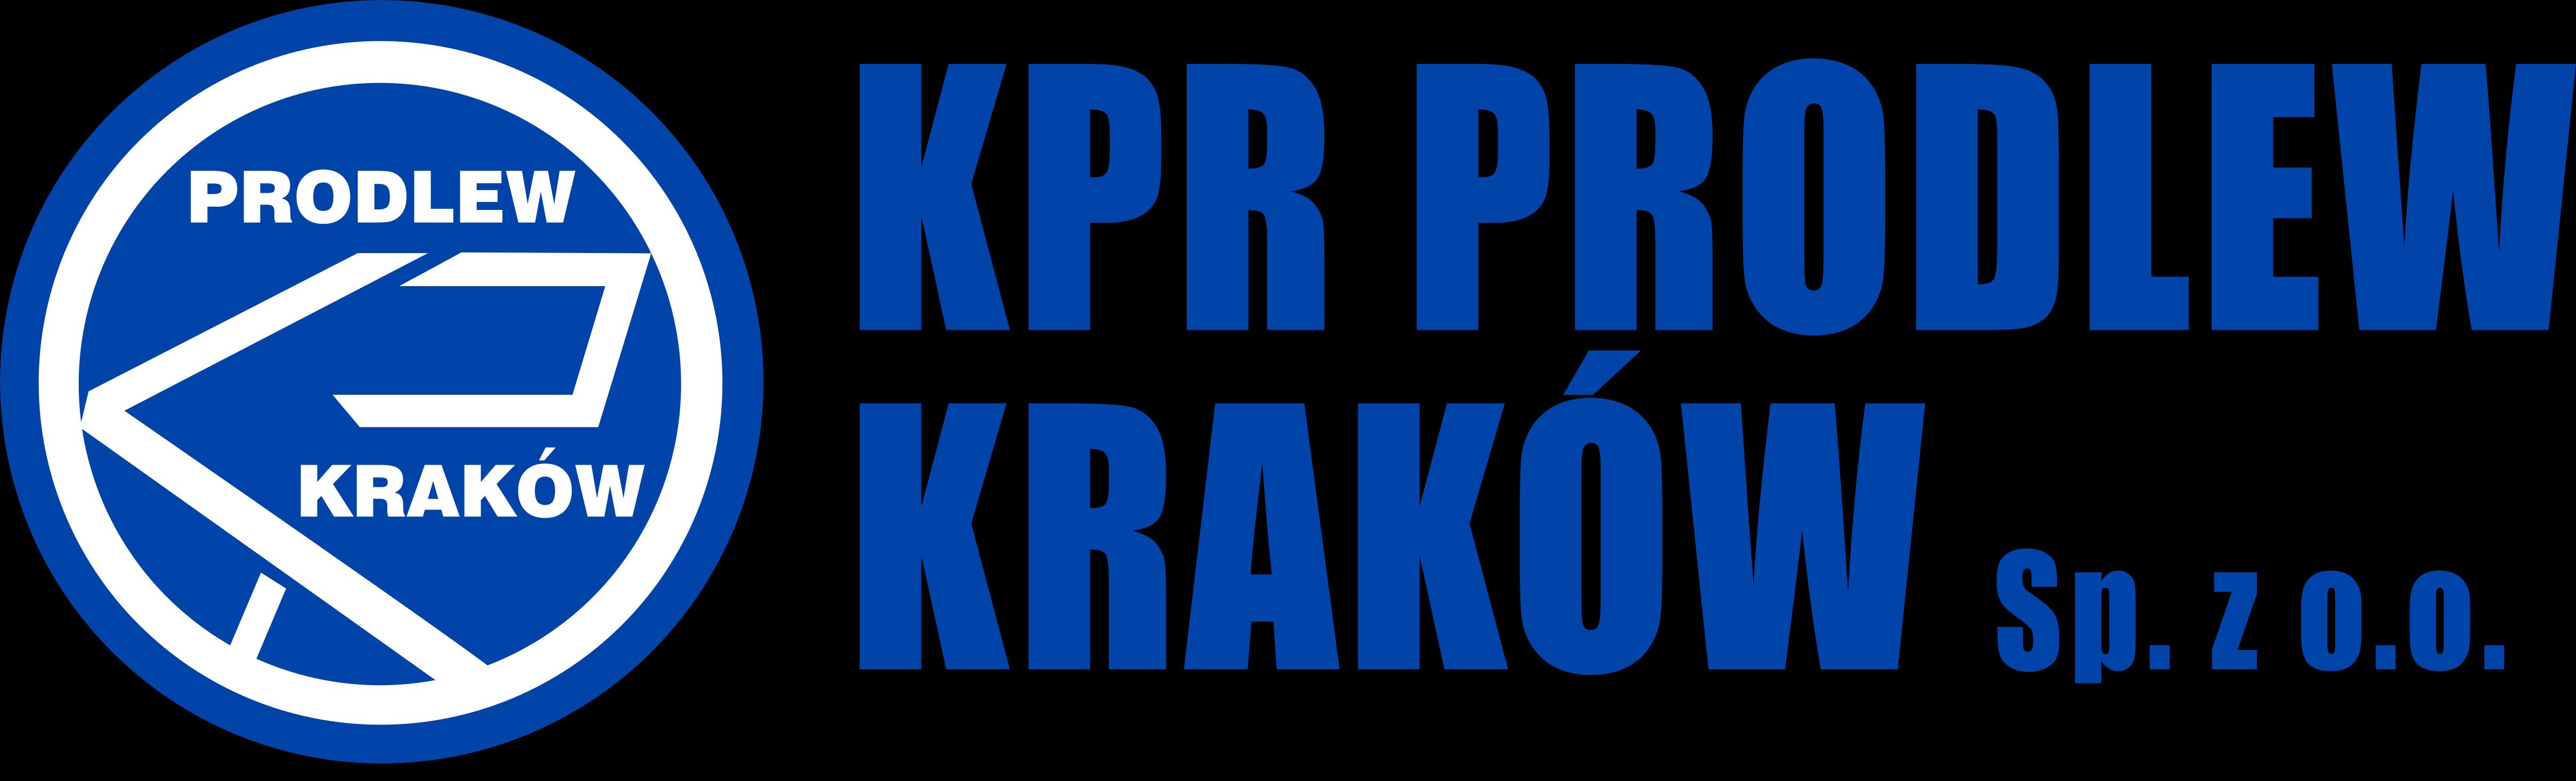 KPR Prodlew Kraków